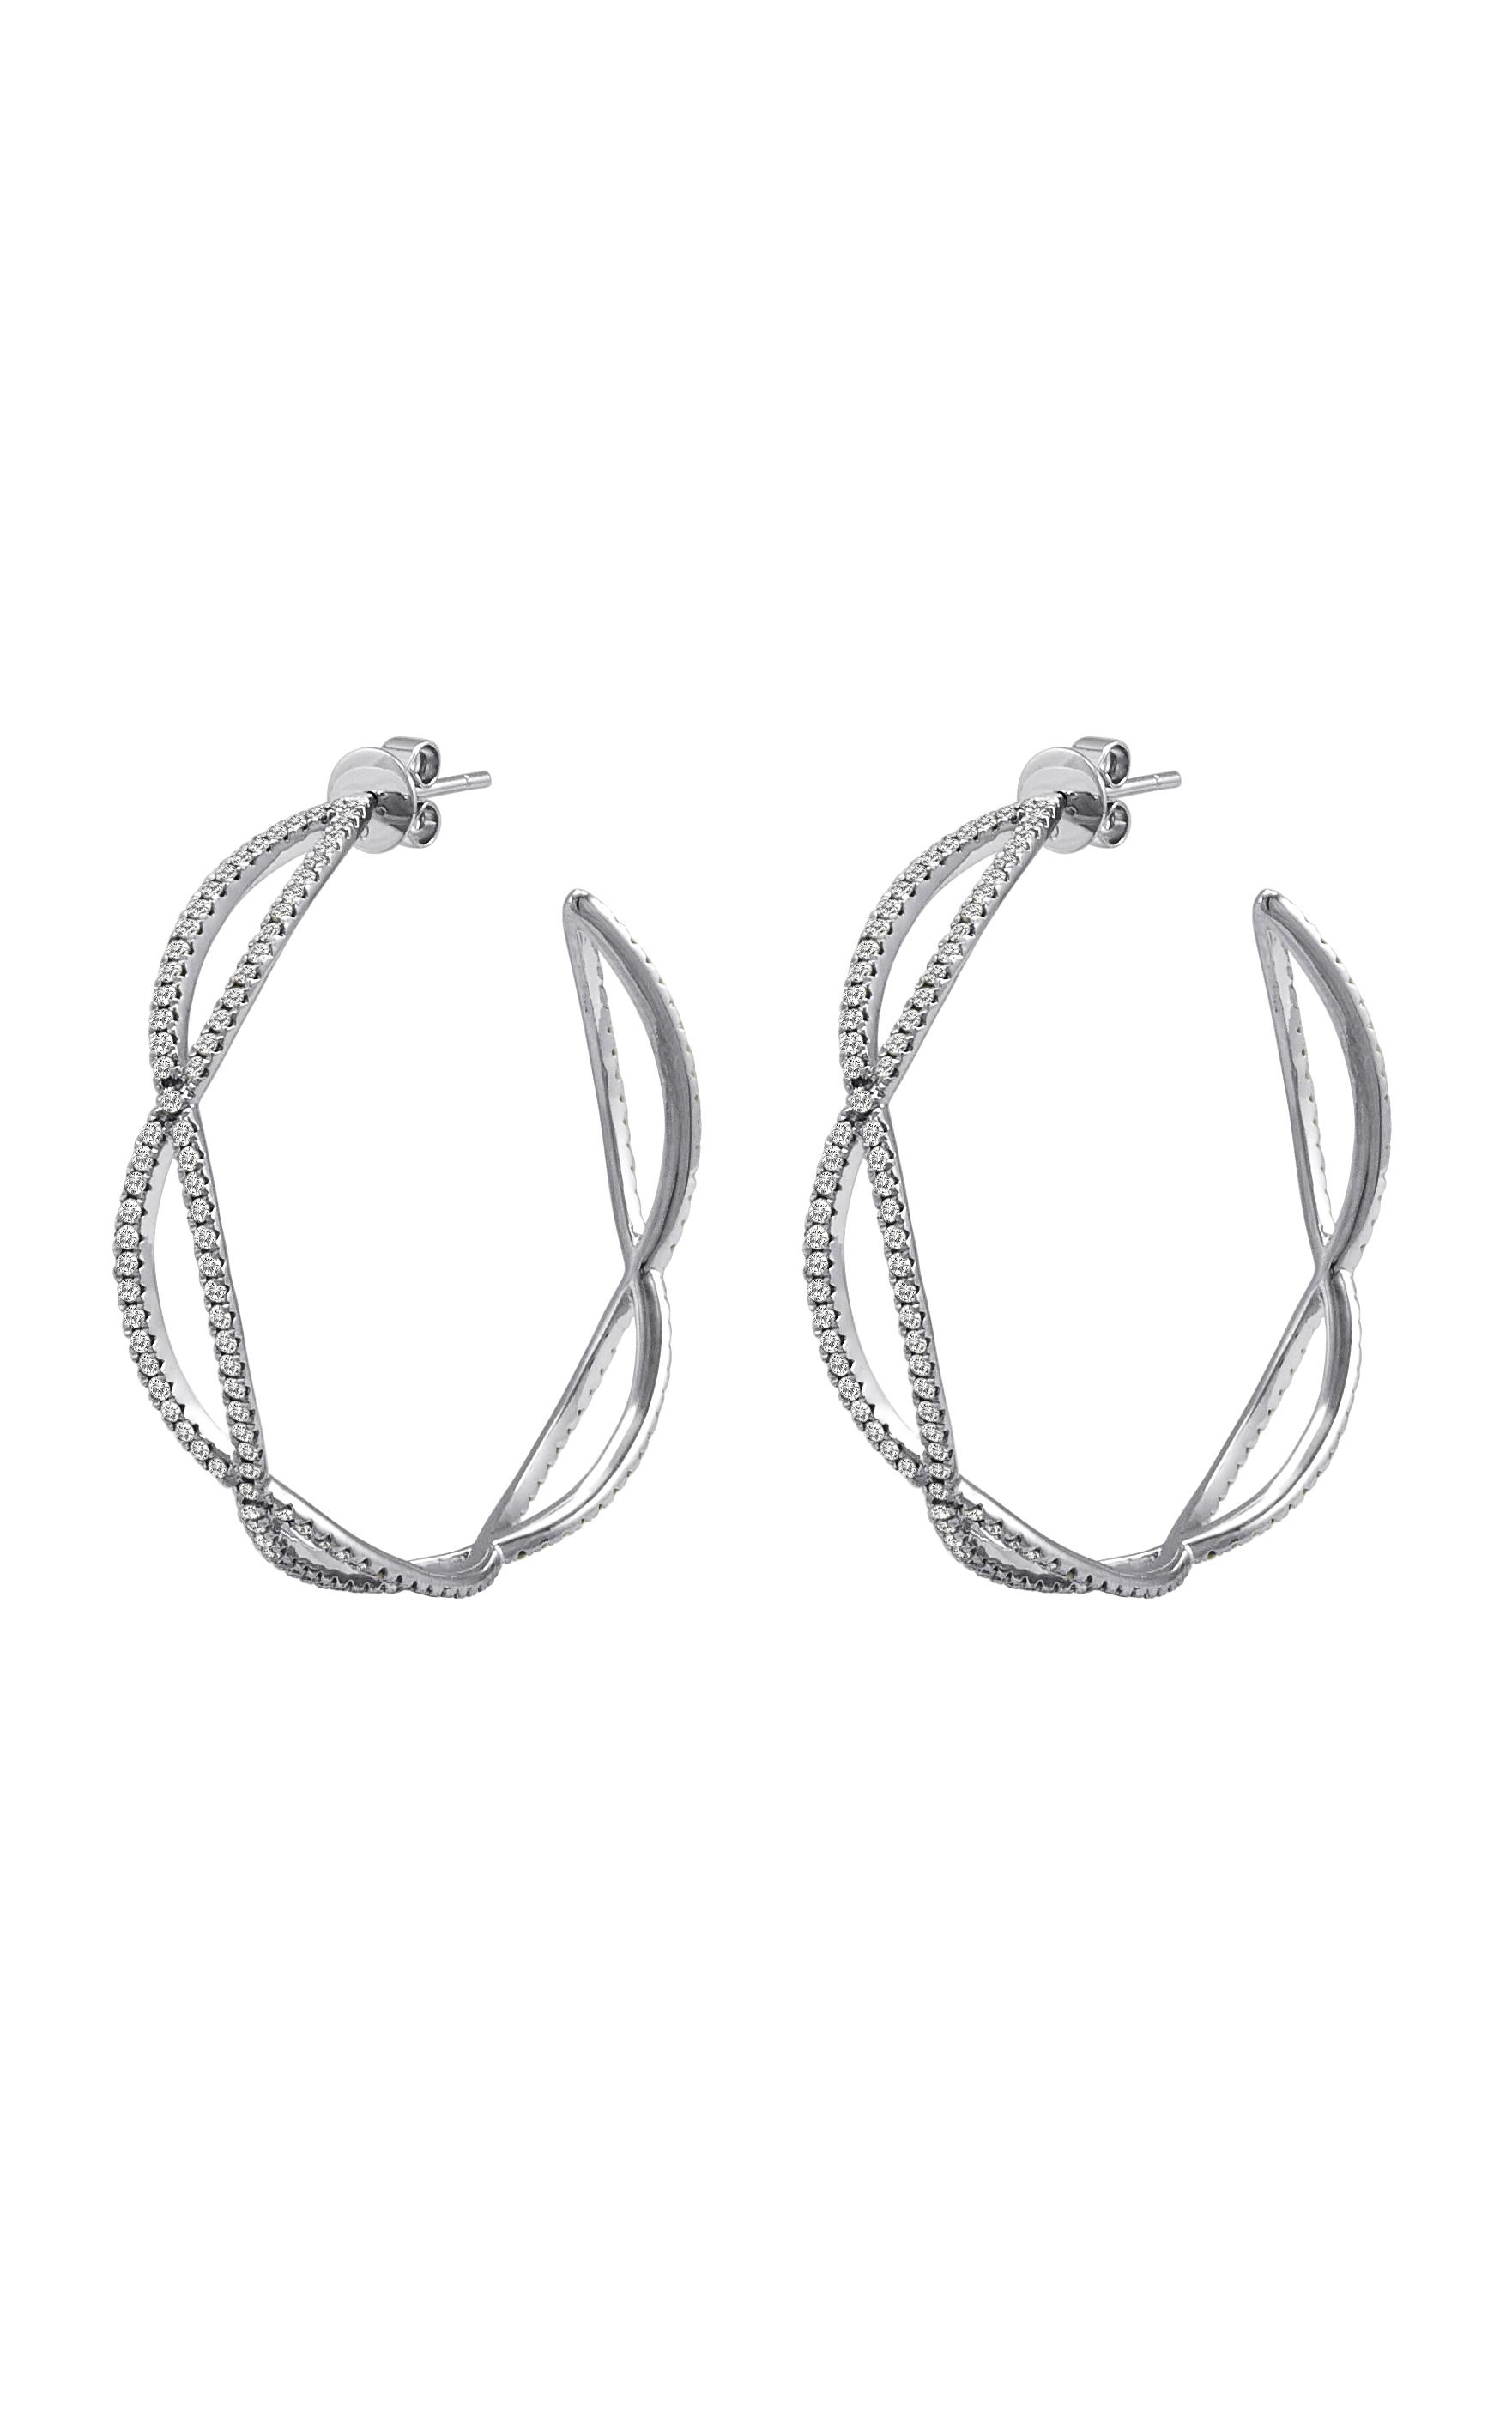 Beny Sofer Earrings Earring SE11-05-1B product image